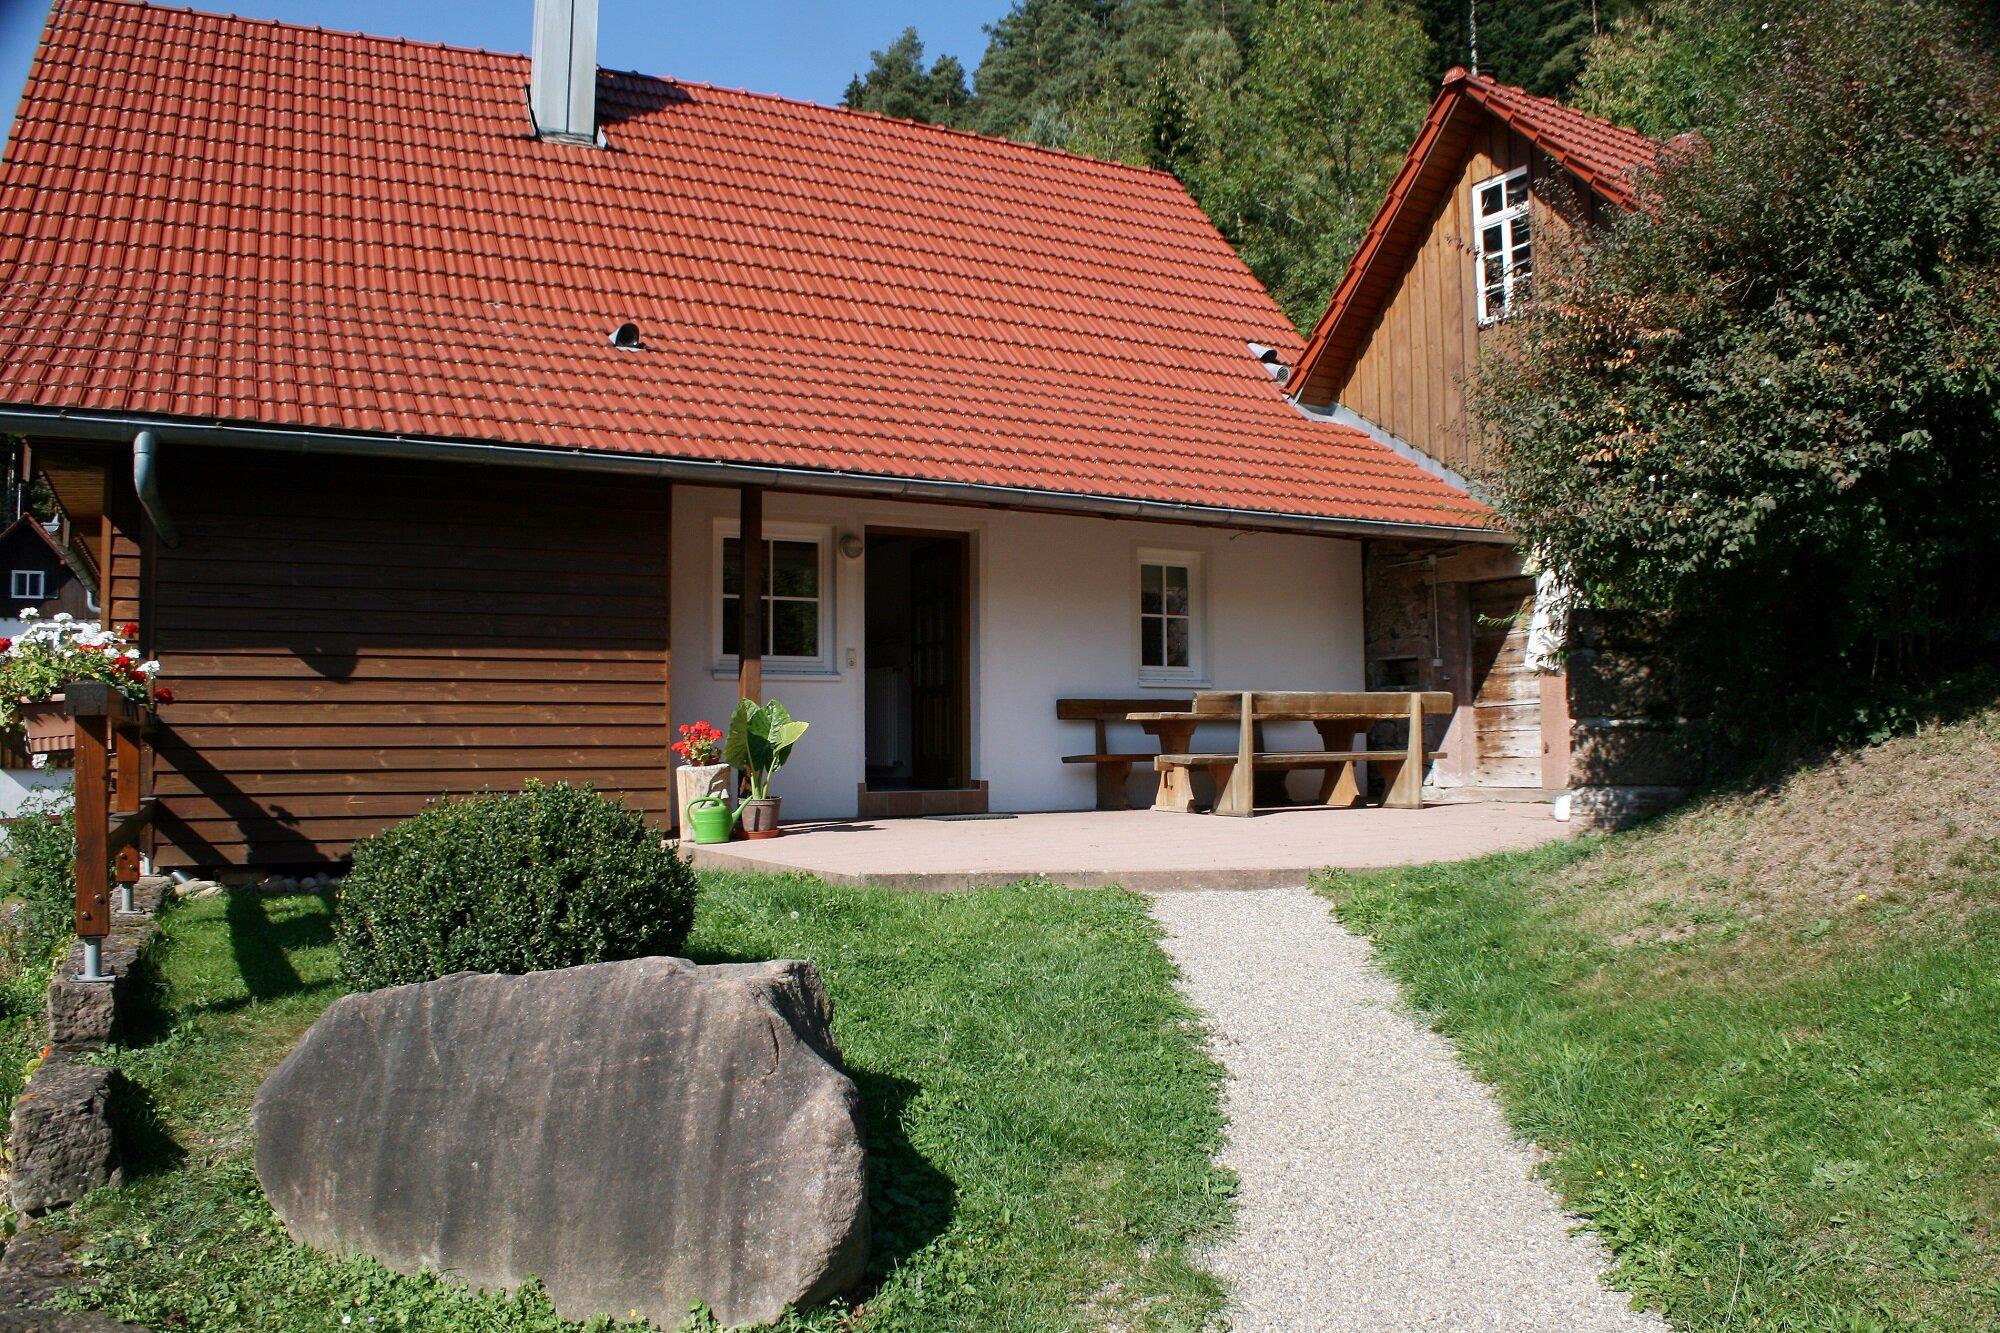 Detailbild von Ferienhaus 96-1